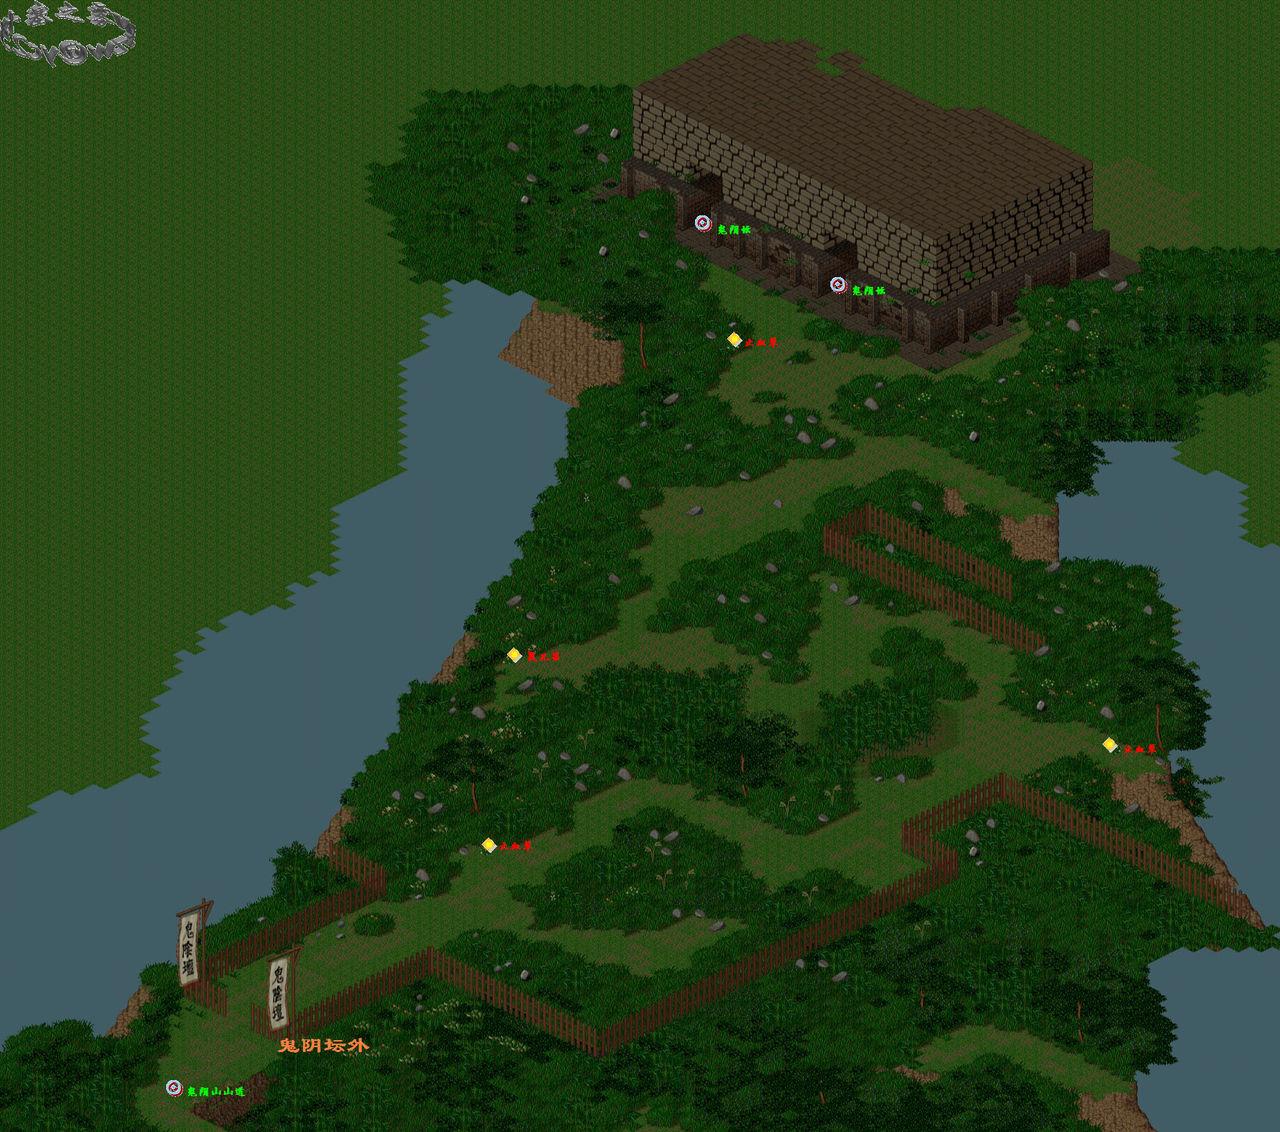 《仙剑奇侠传1》攻略攻略,地图1图文仙剑攻略秘籍九鲤湖v仙剑迷宫图片